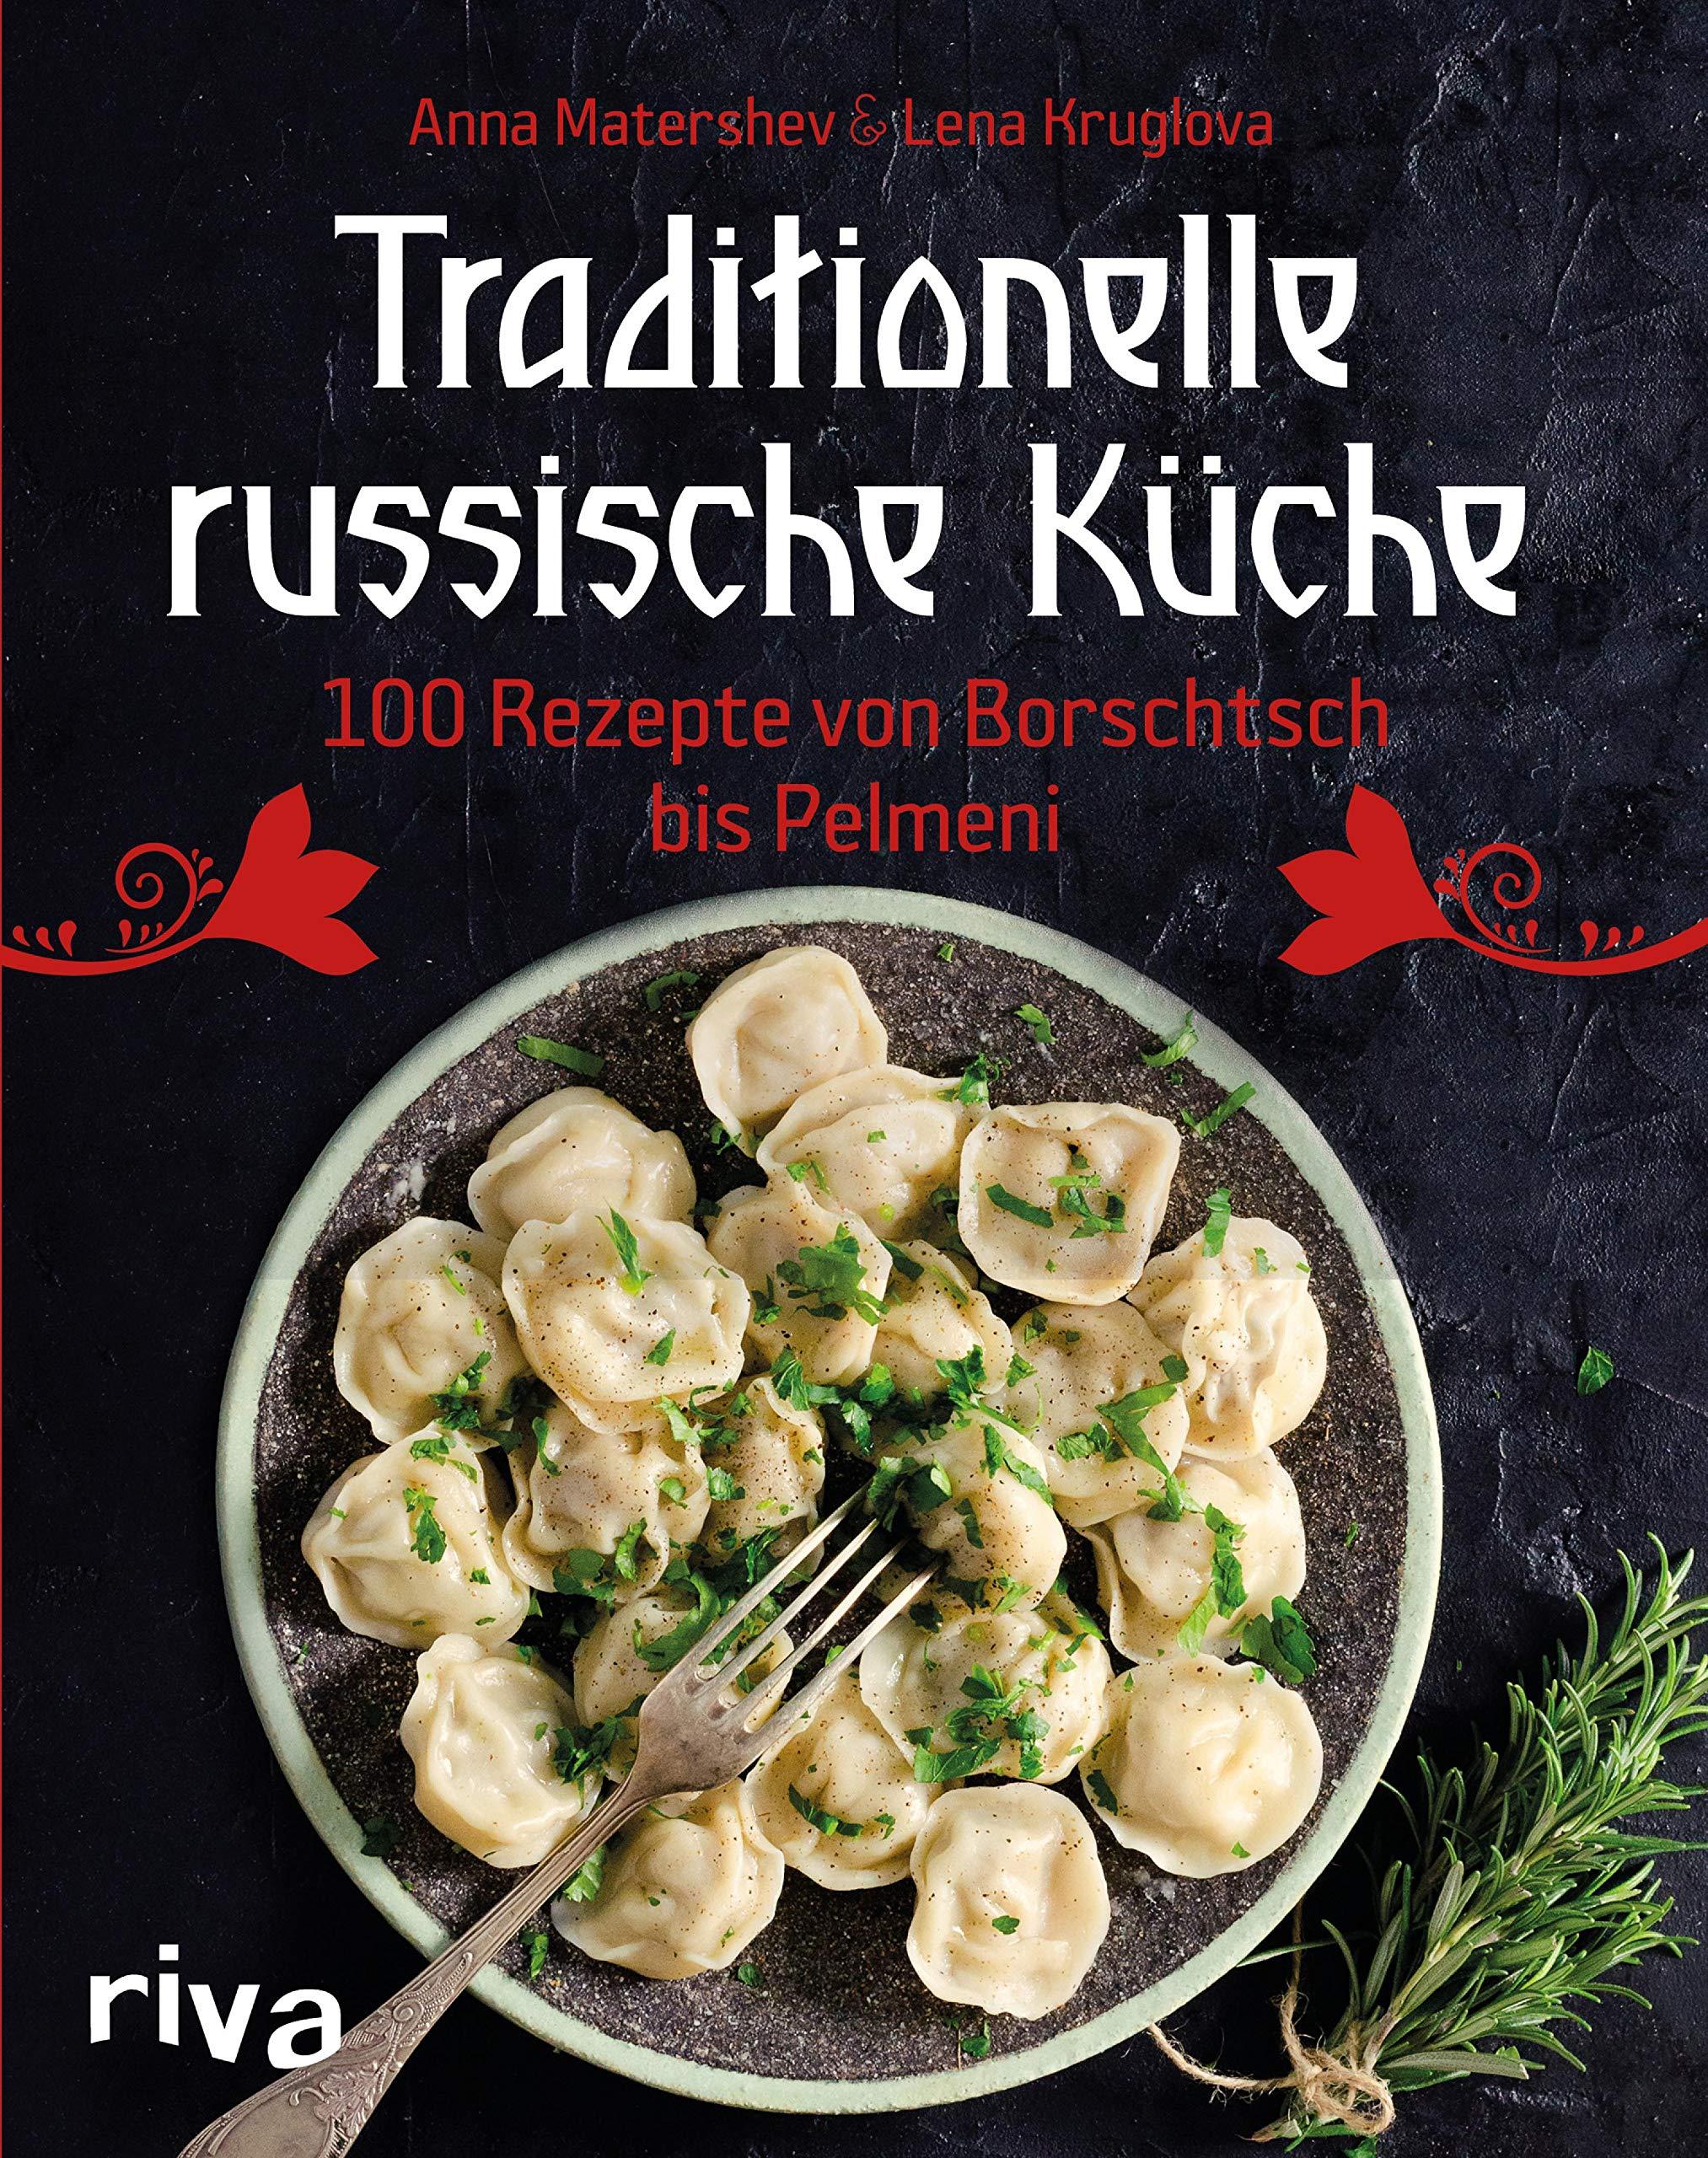 Traditionelle Russische Küche  100 Rezepte Von Borschtsch Bis Pelmeni